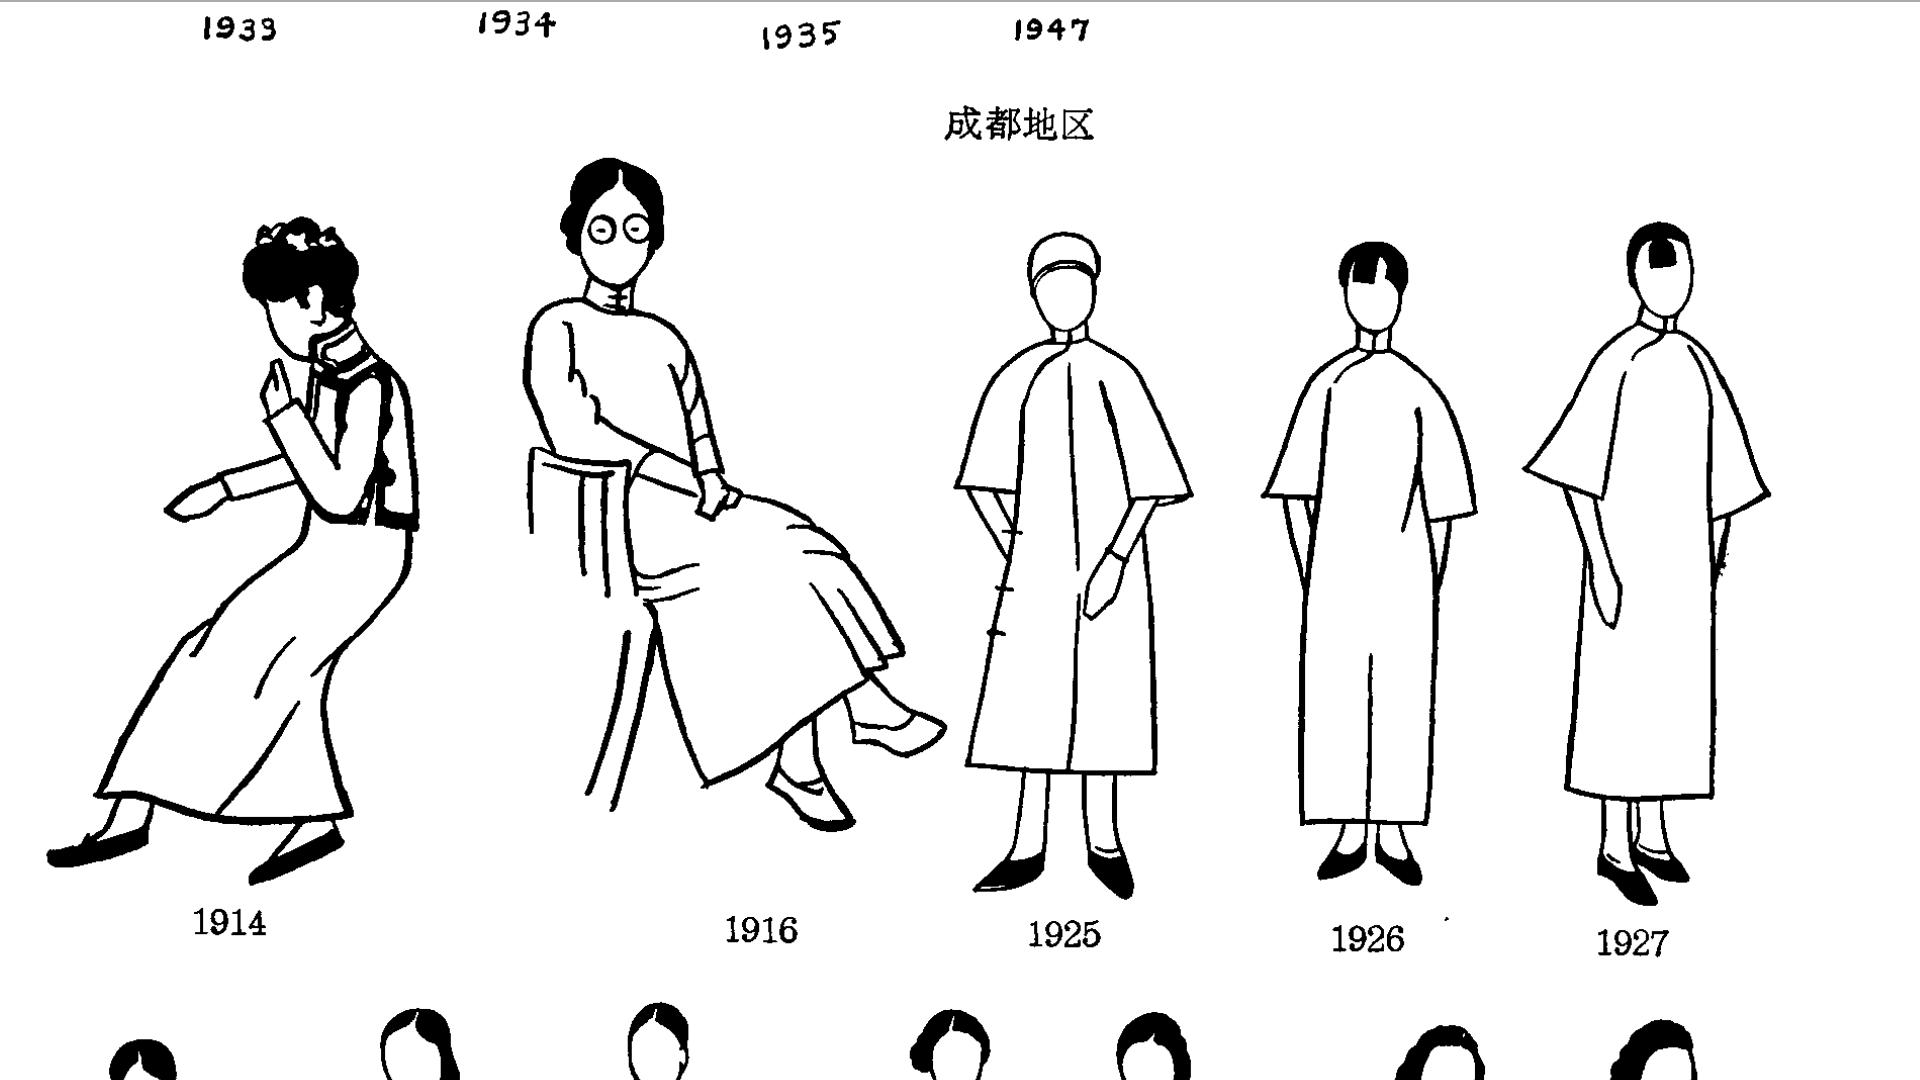 旗袍流行趋势图,比较形象的画出了这一时期旗袍特点图片